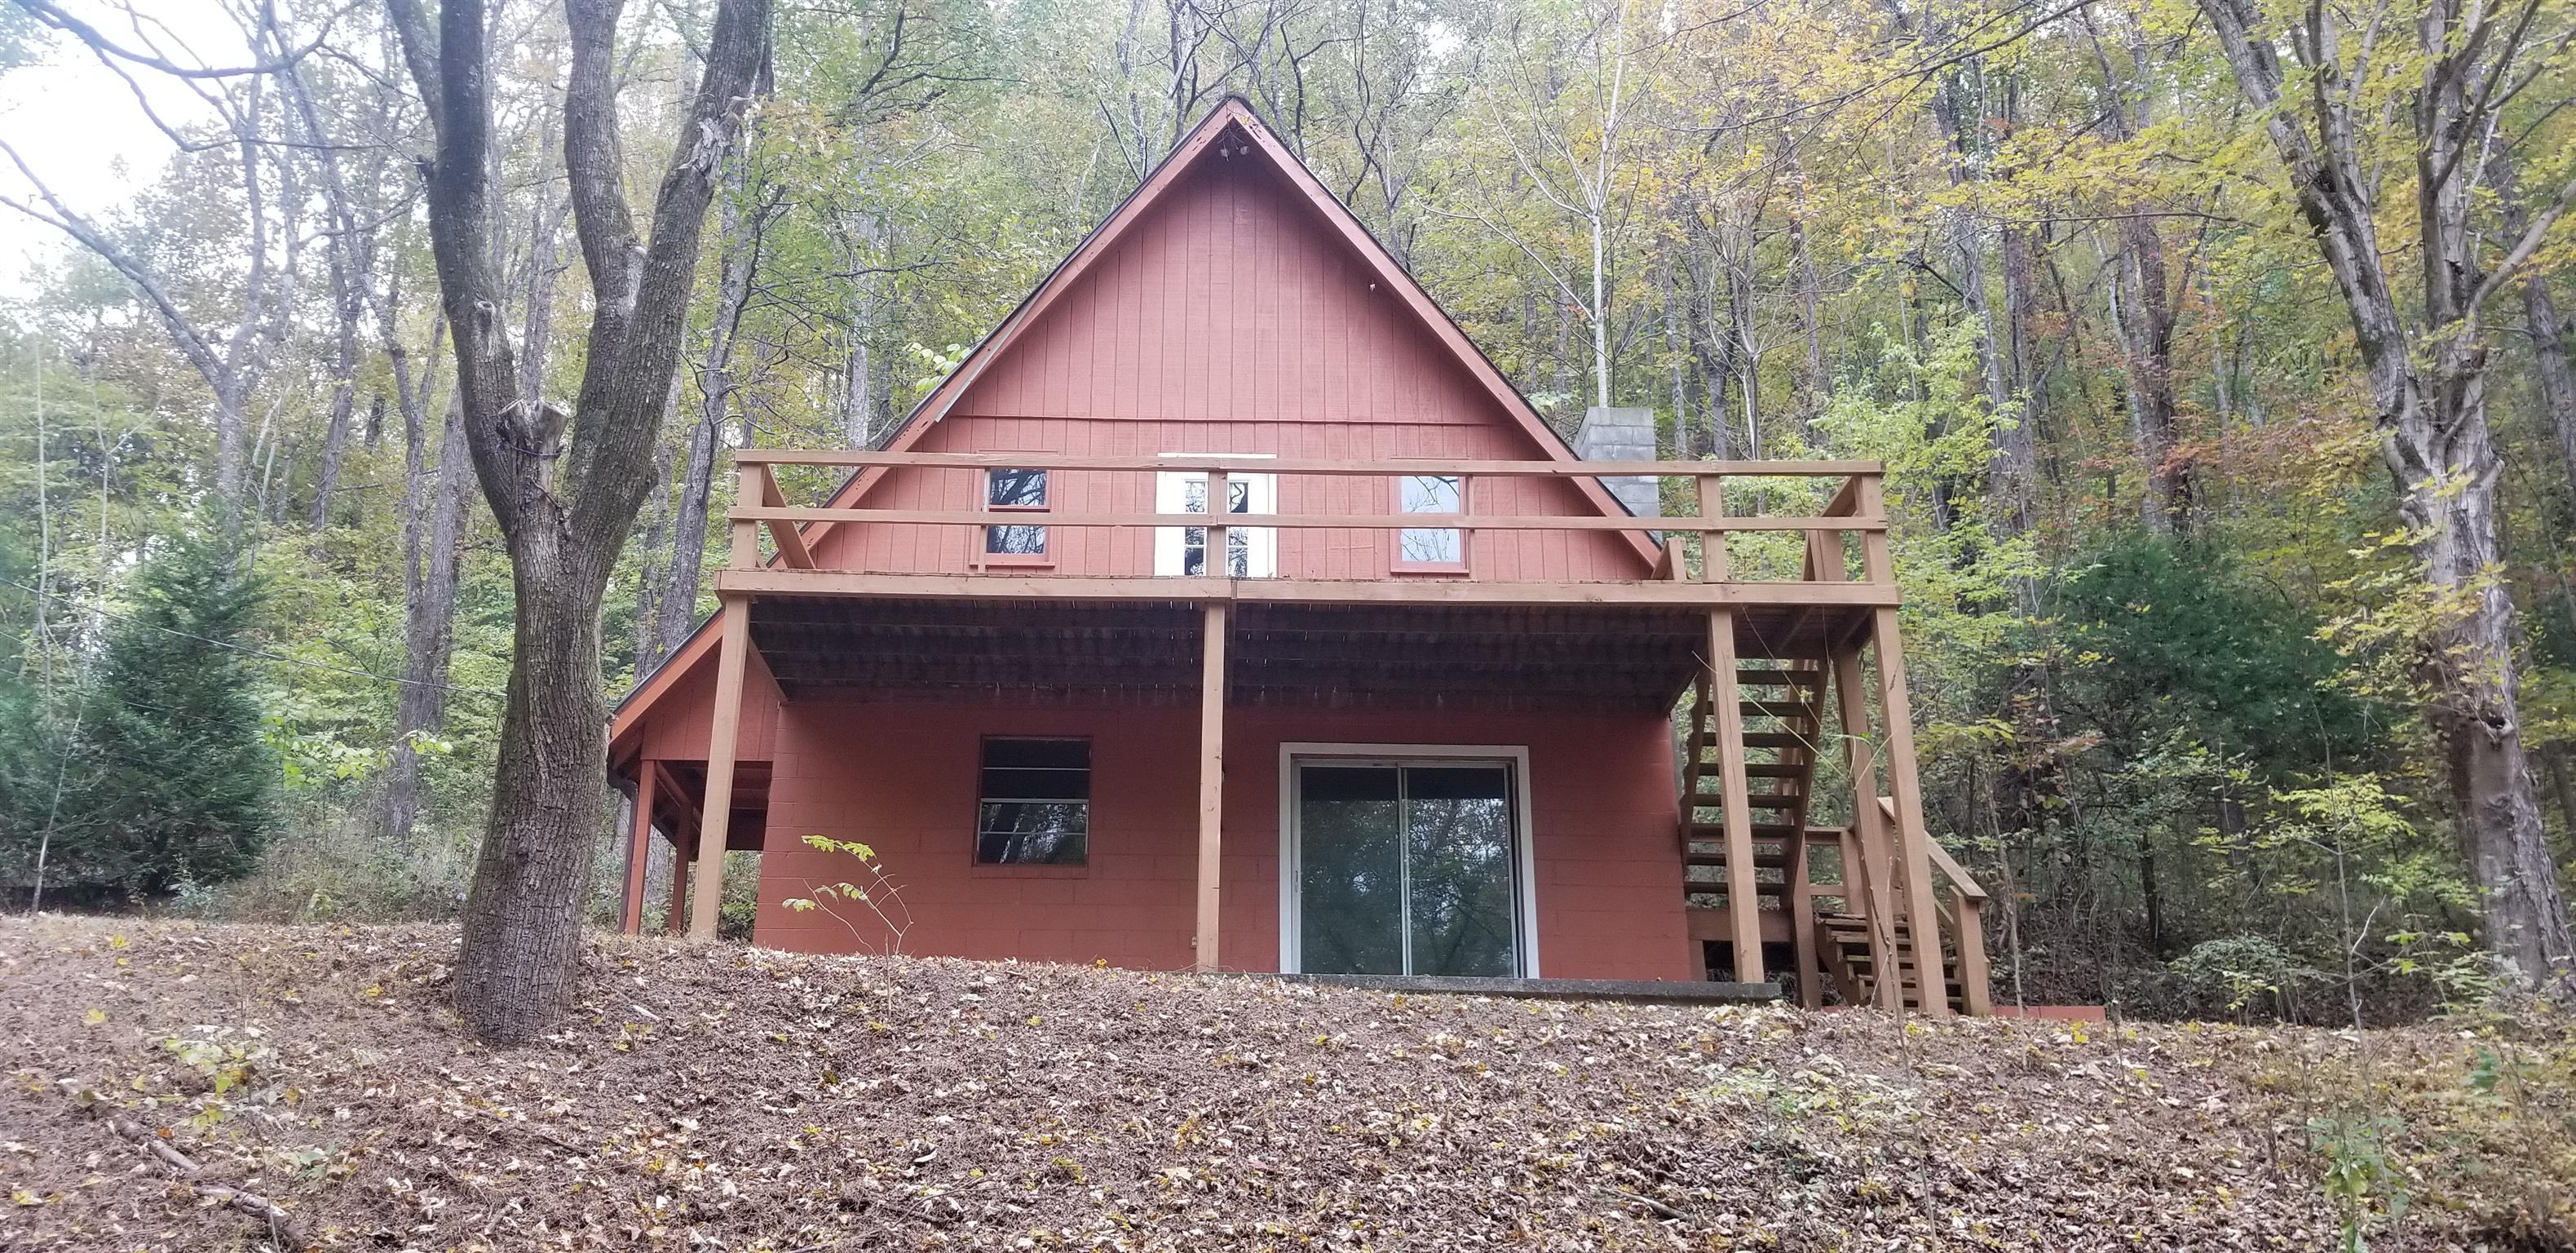 8861 Aunt Helen Rd, Smithville, TN 37166 - Smithville, TN real estate listing